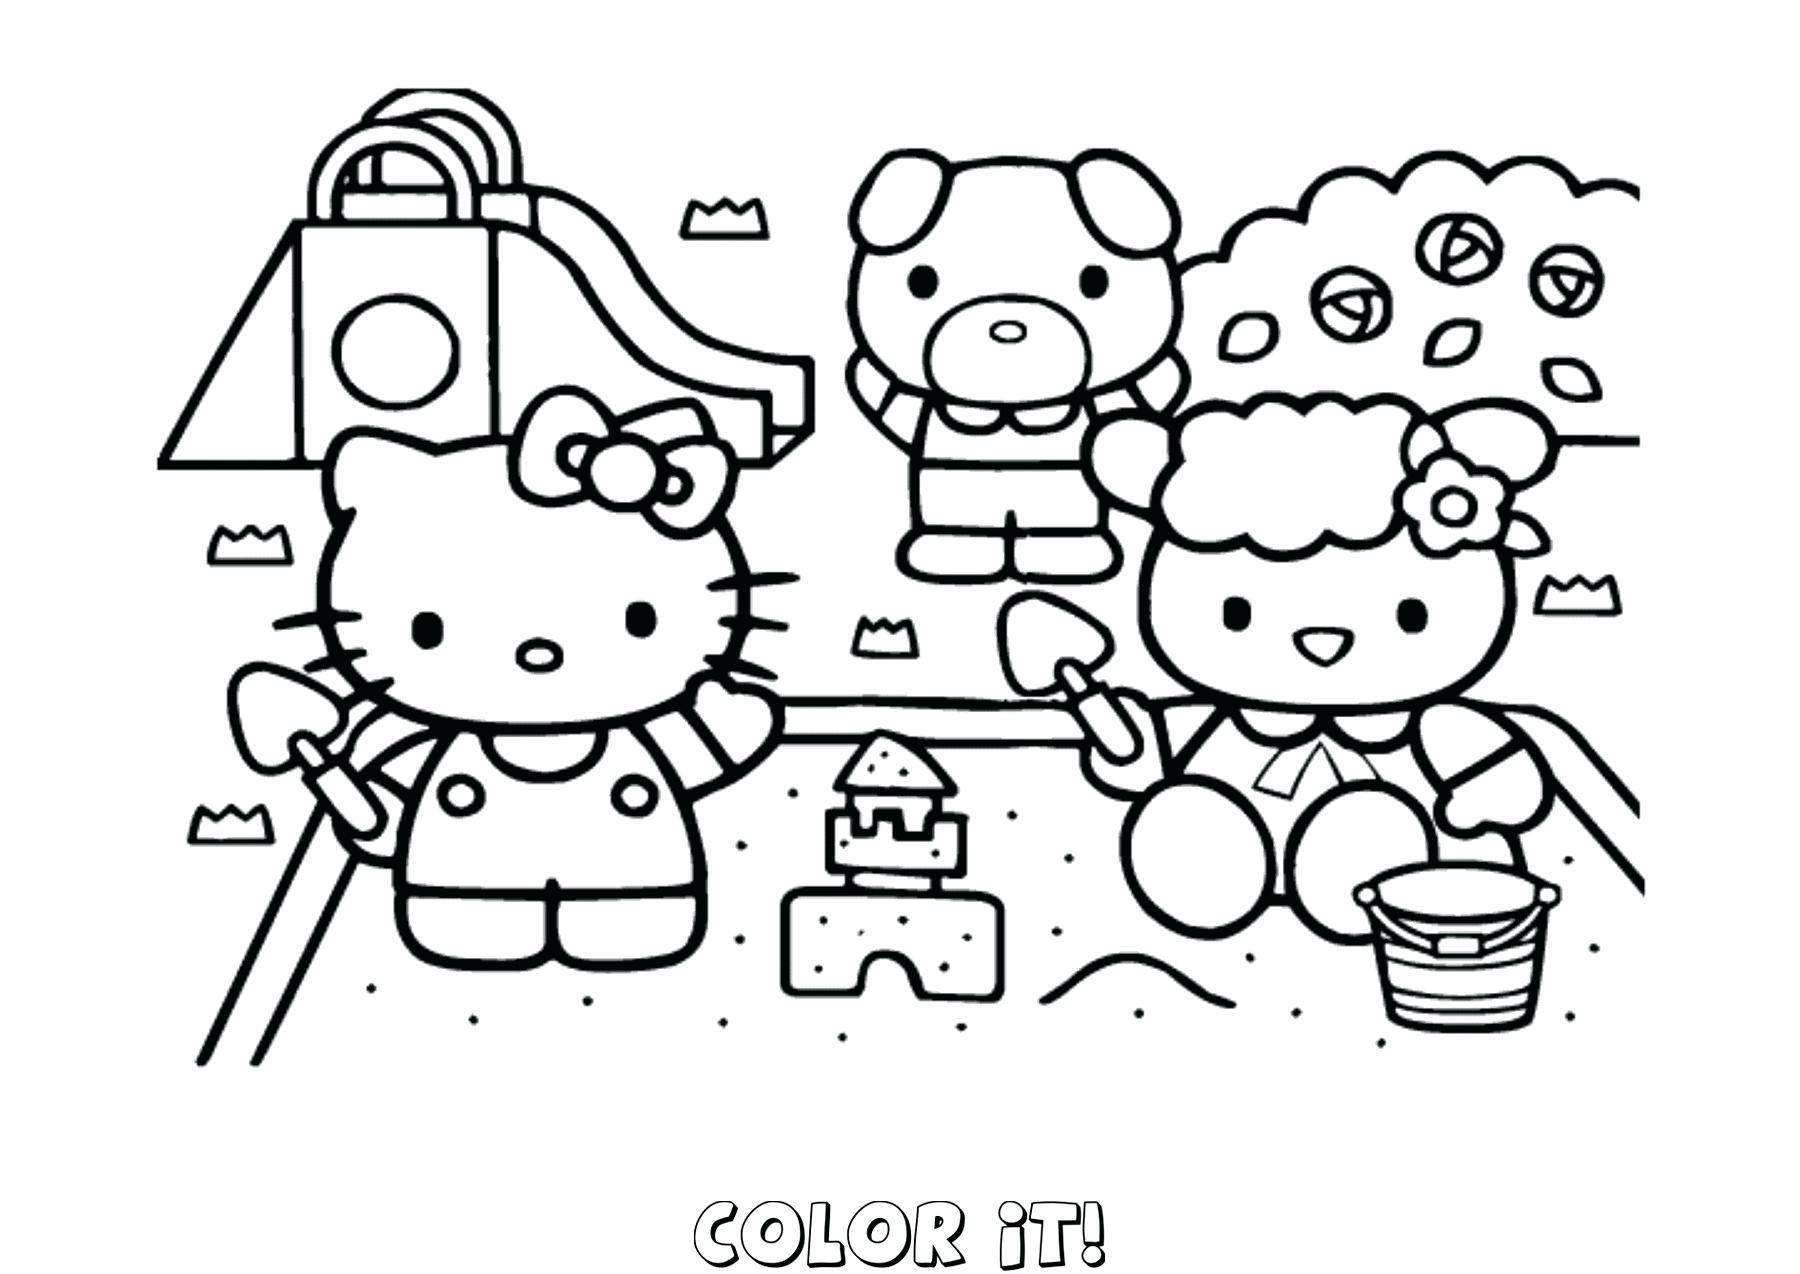 Mẫu tranh tô màu cho bé Hello Kitty đẹp